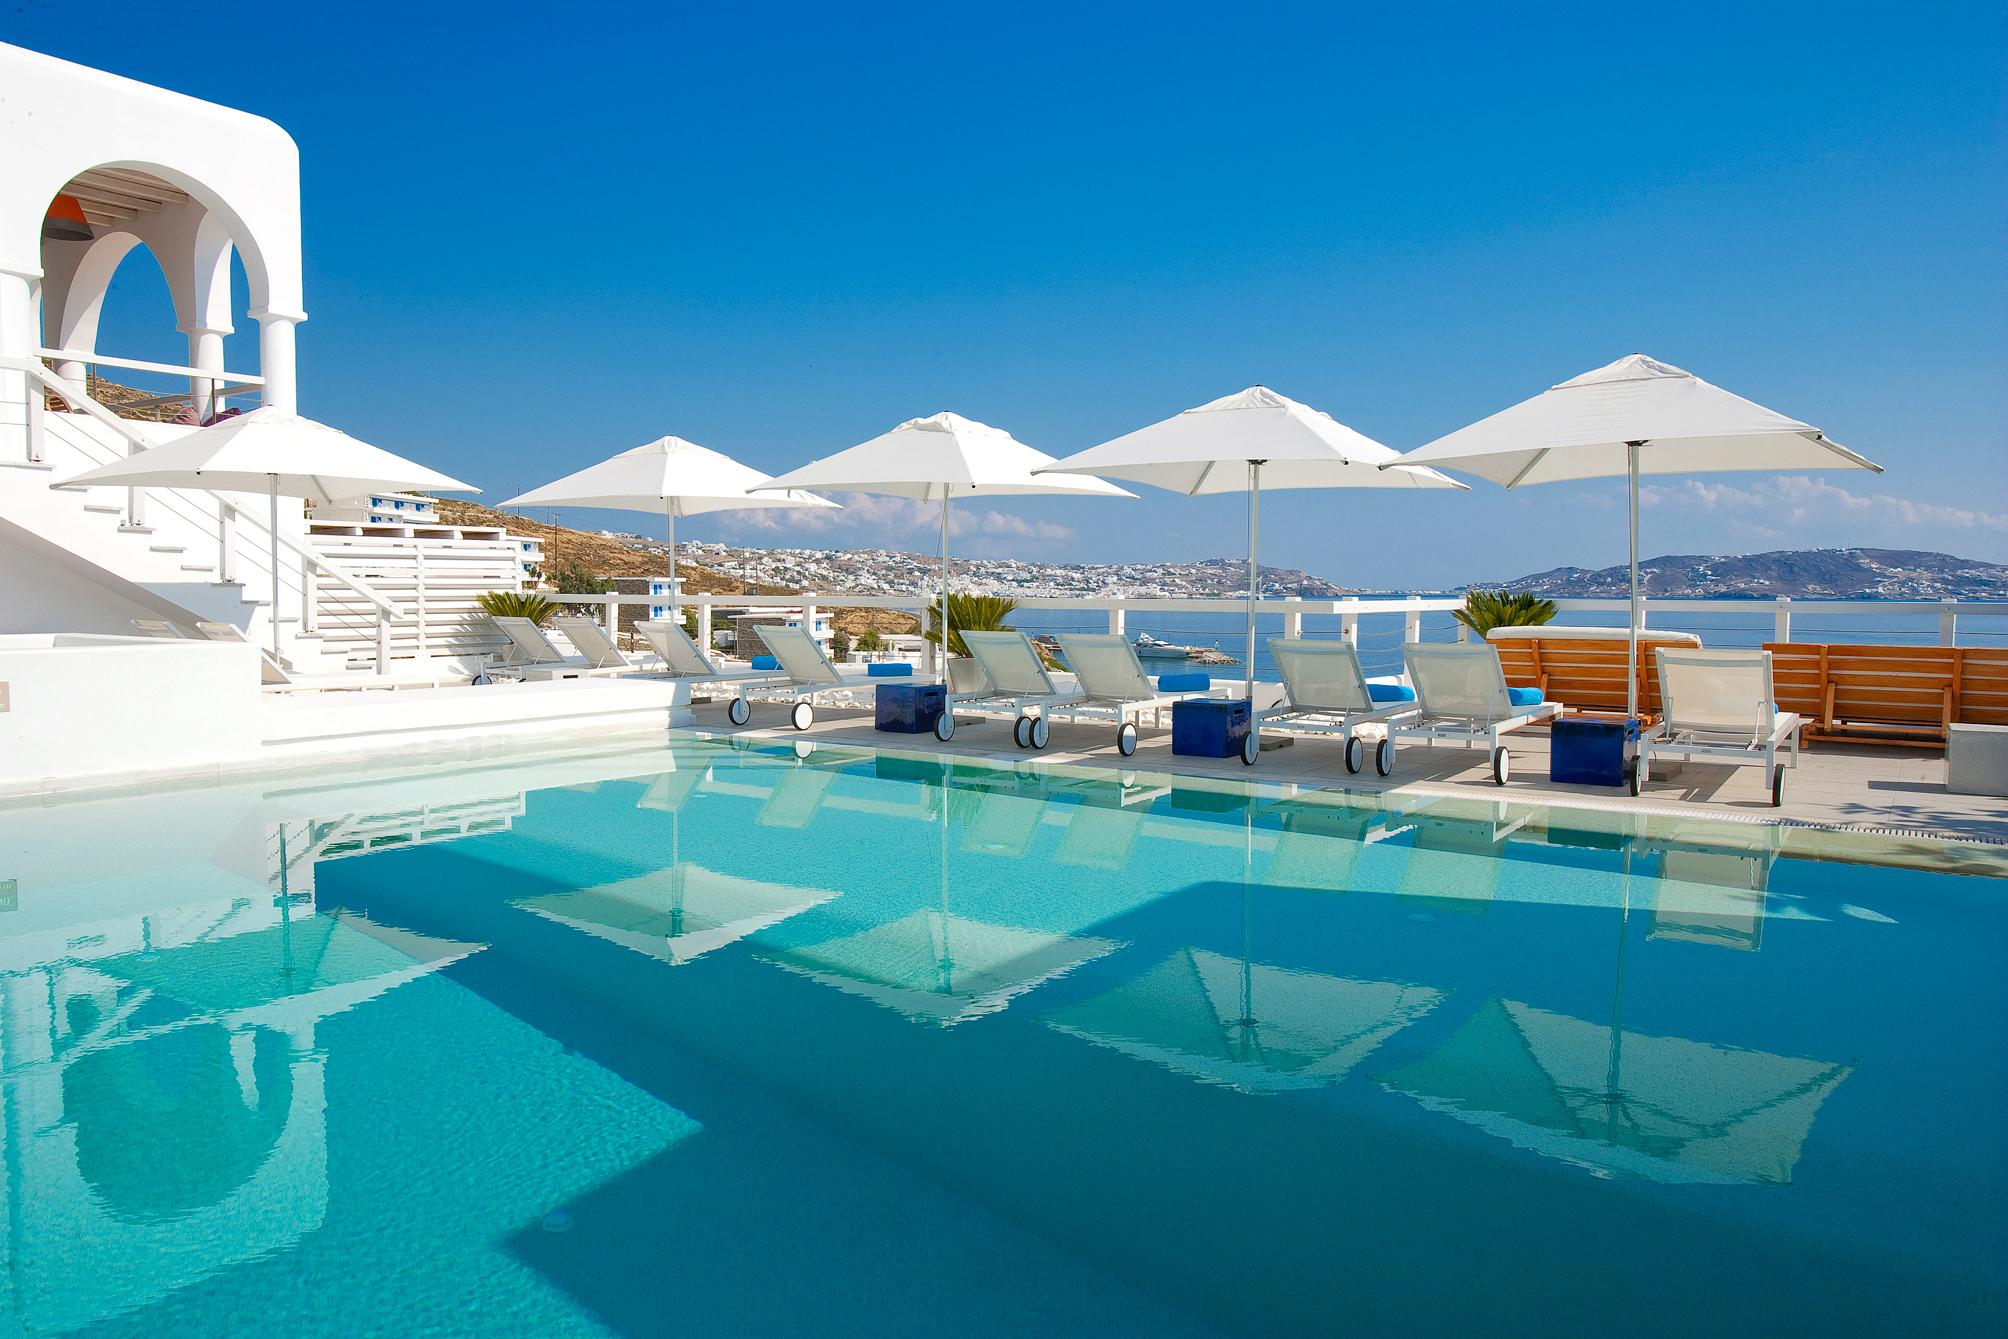 Beautiful villa desktop wallpaper wallpapersafari for Villas with swimming pool